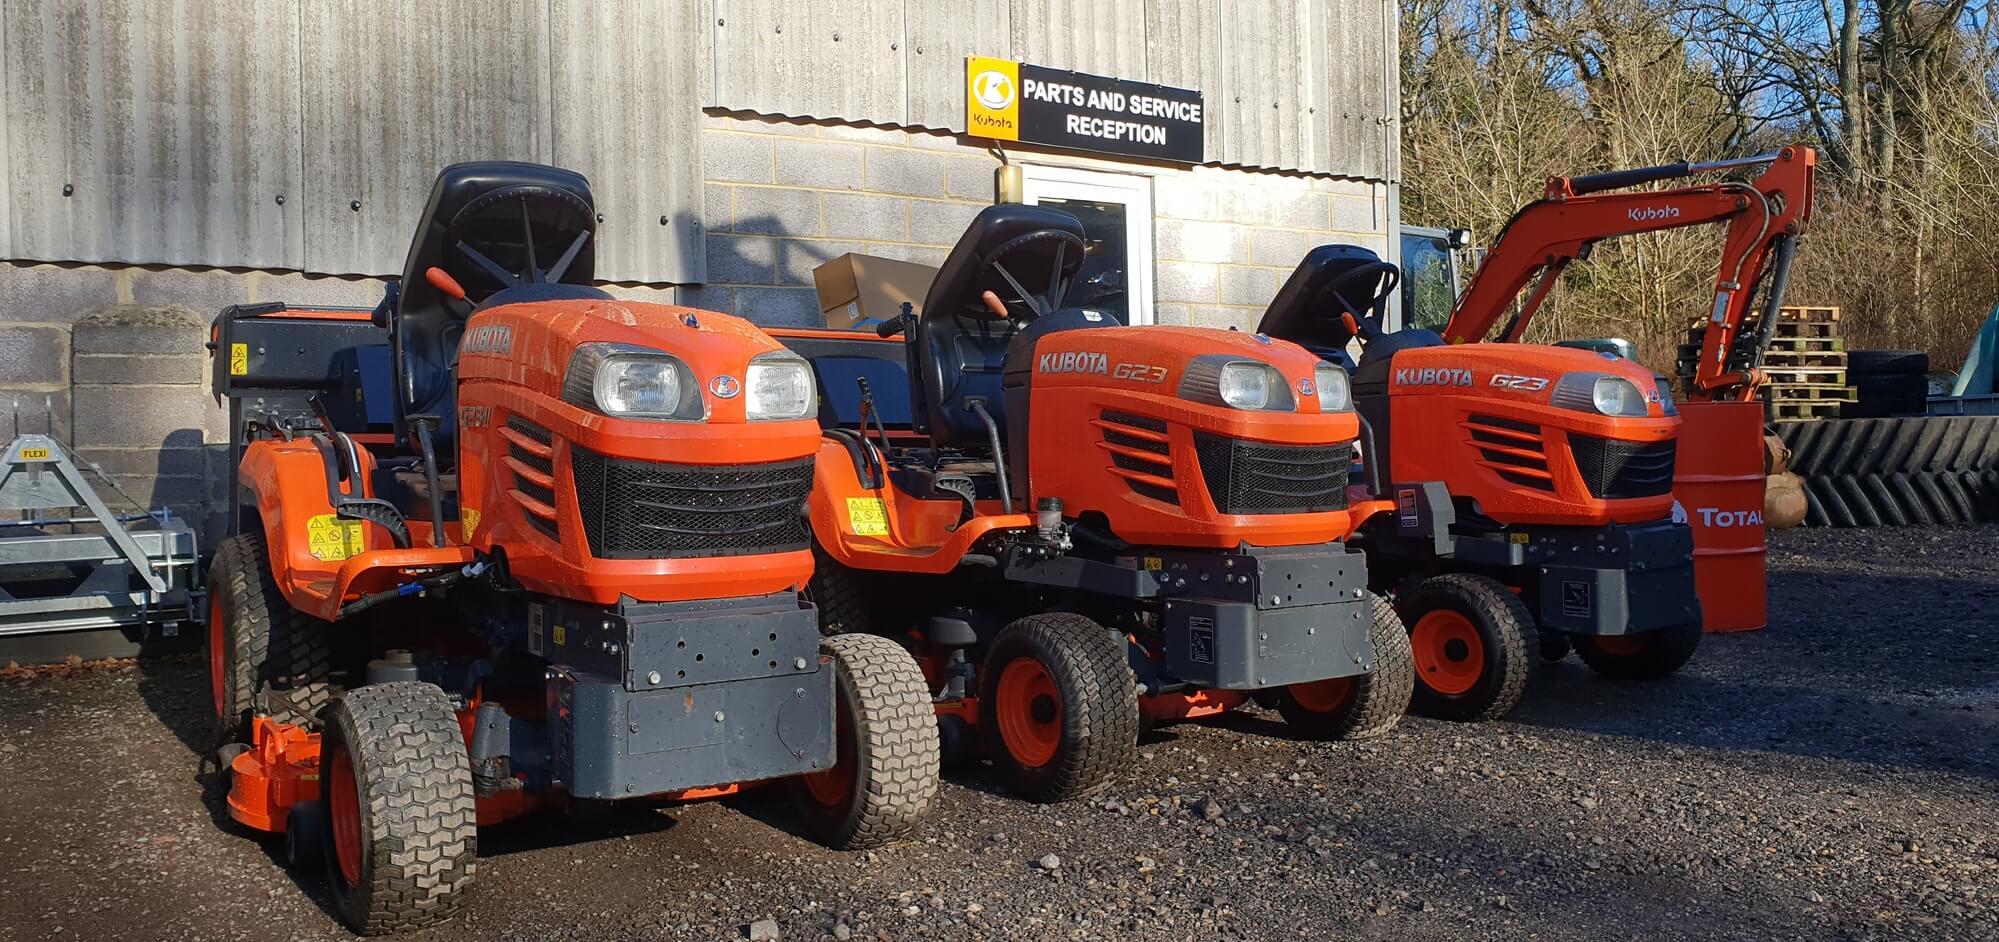 Cradock Tractors - Used Equipment